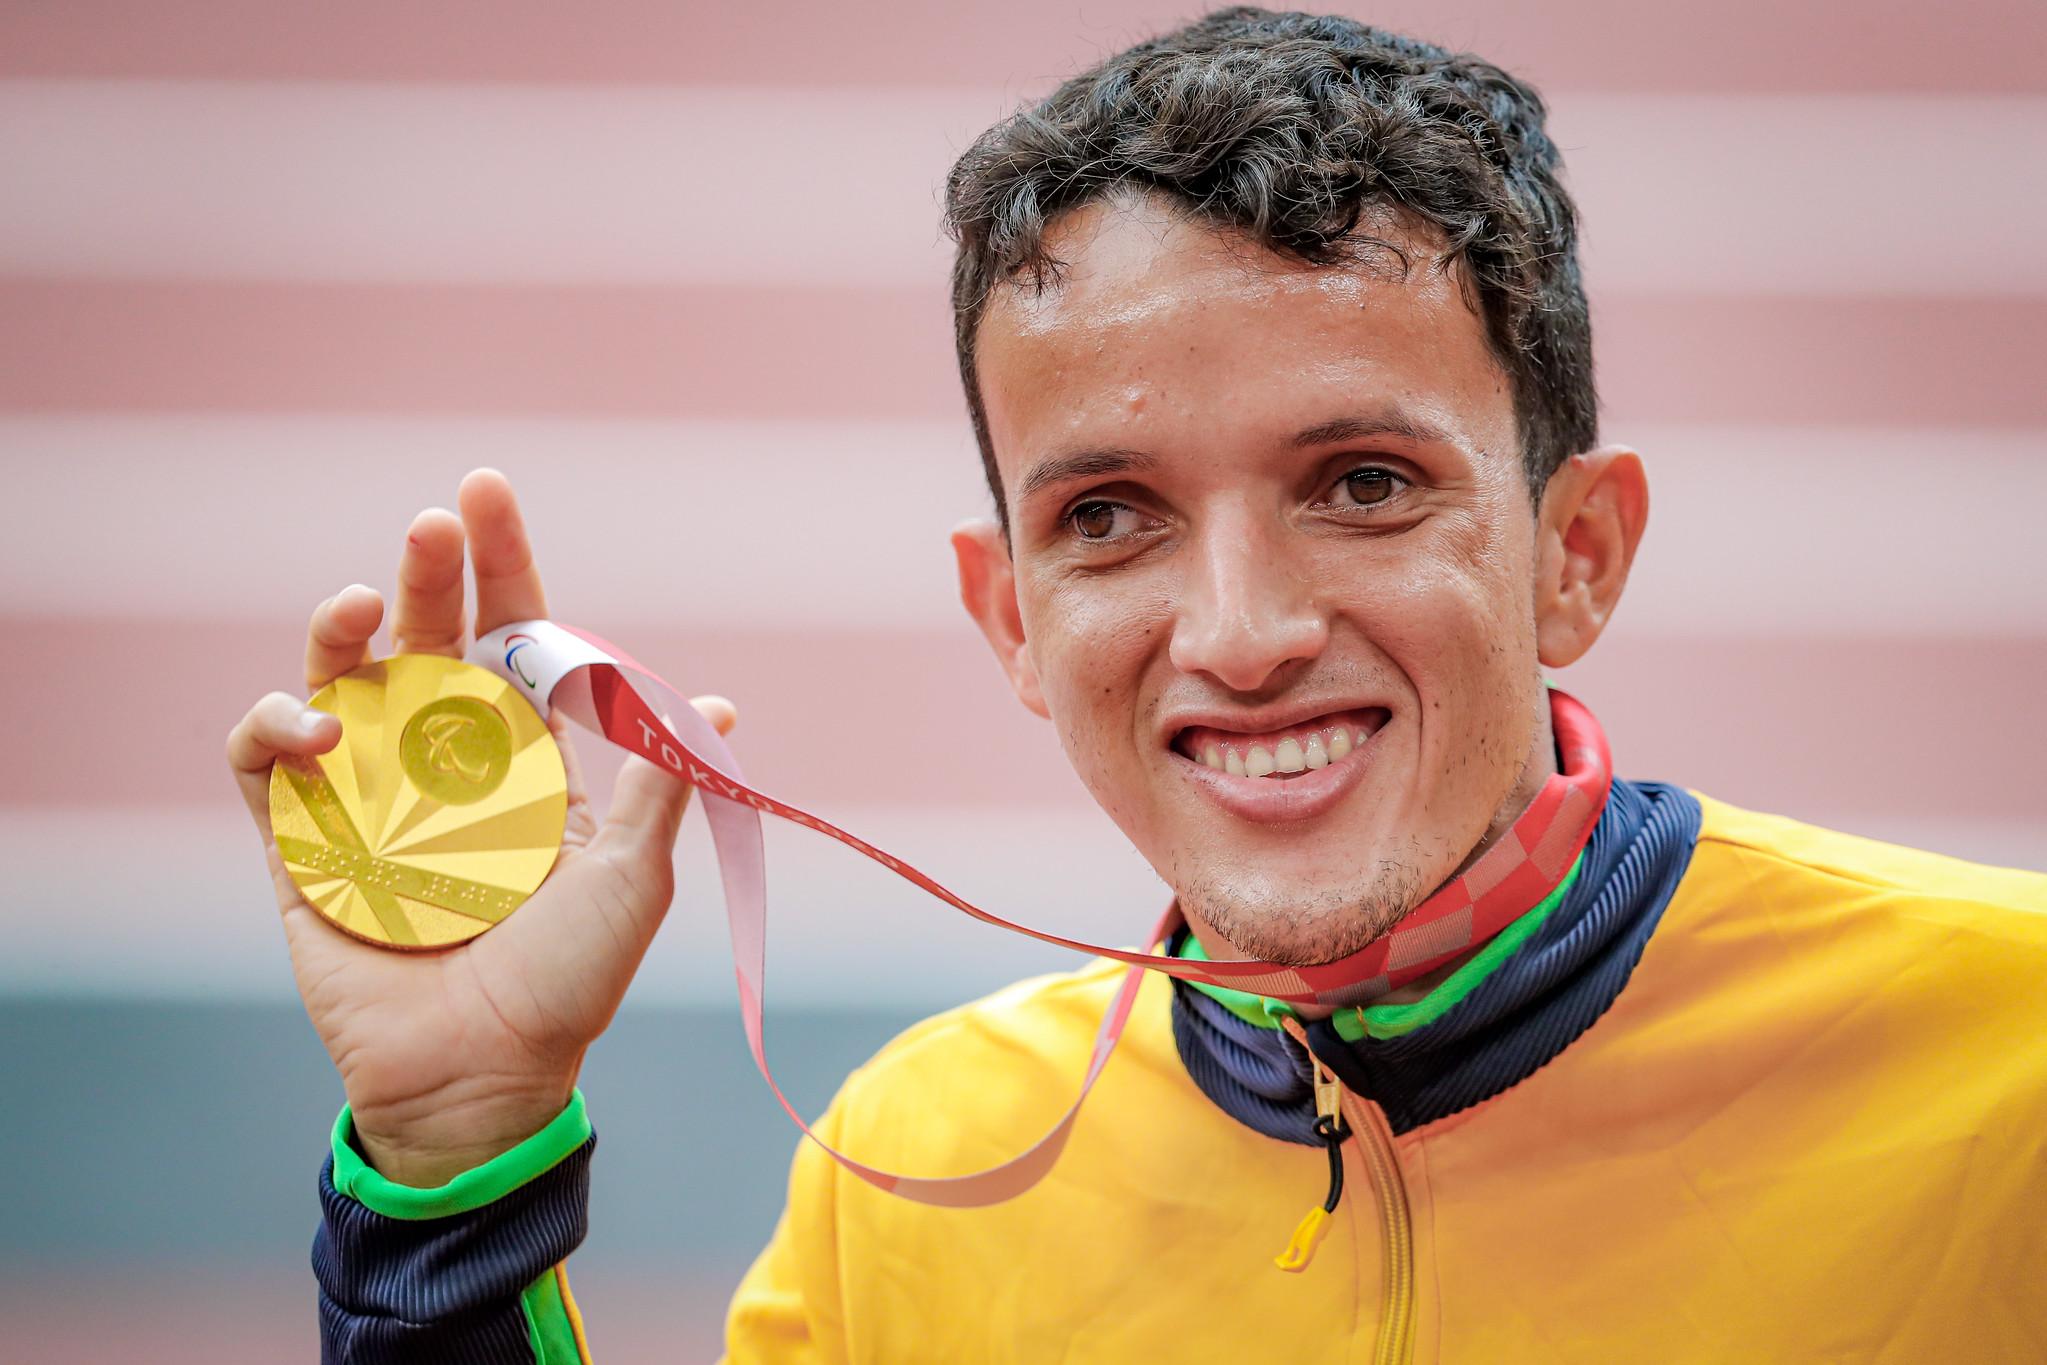 Imagem de perfil do atleta Yeltsin, um homem branco, sorridente, segurando a medalha de ouro com sua mão direita.